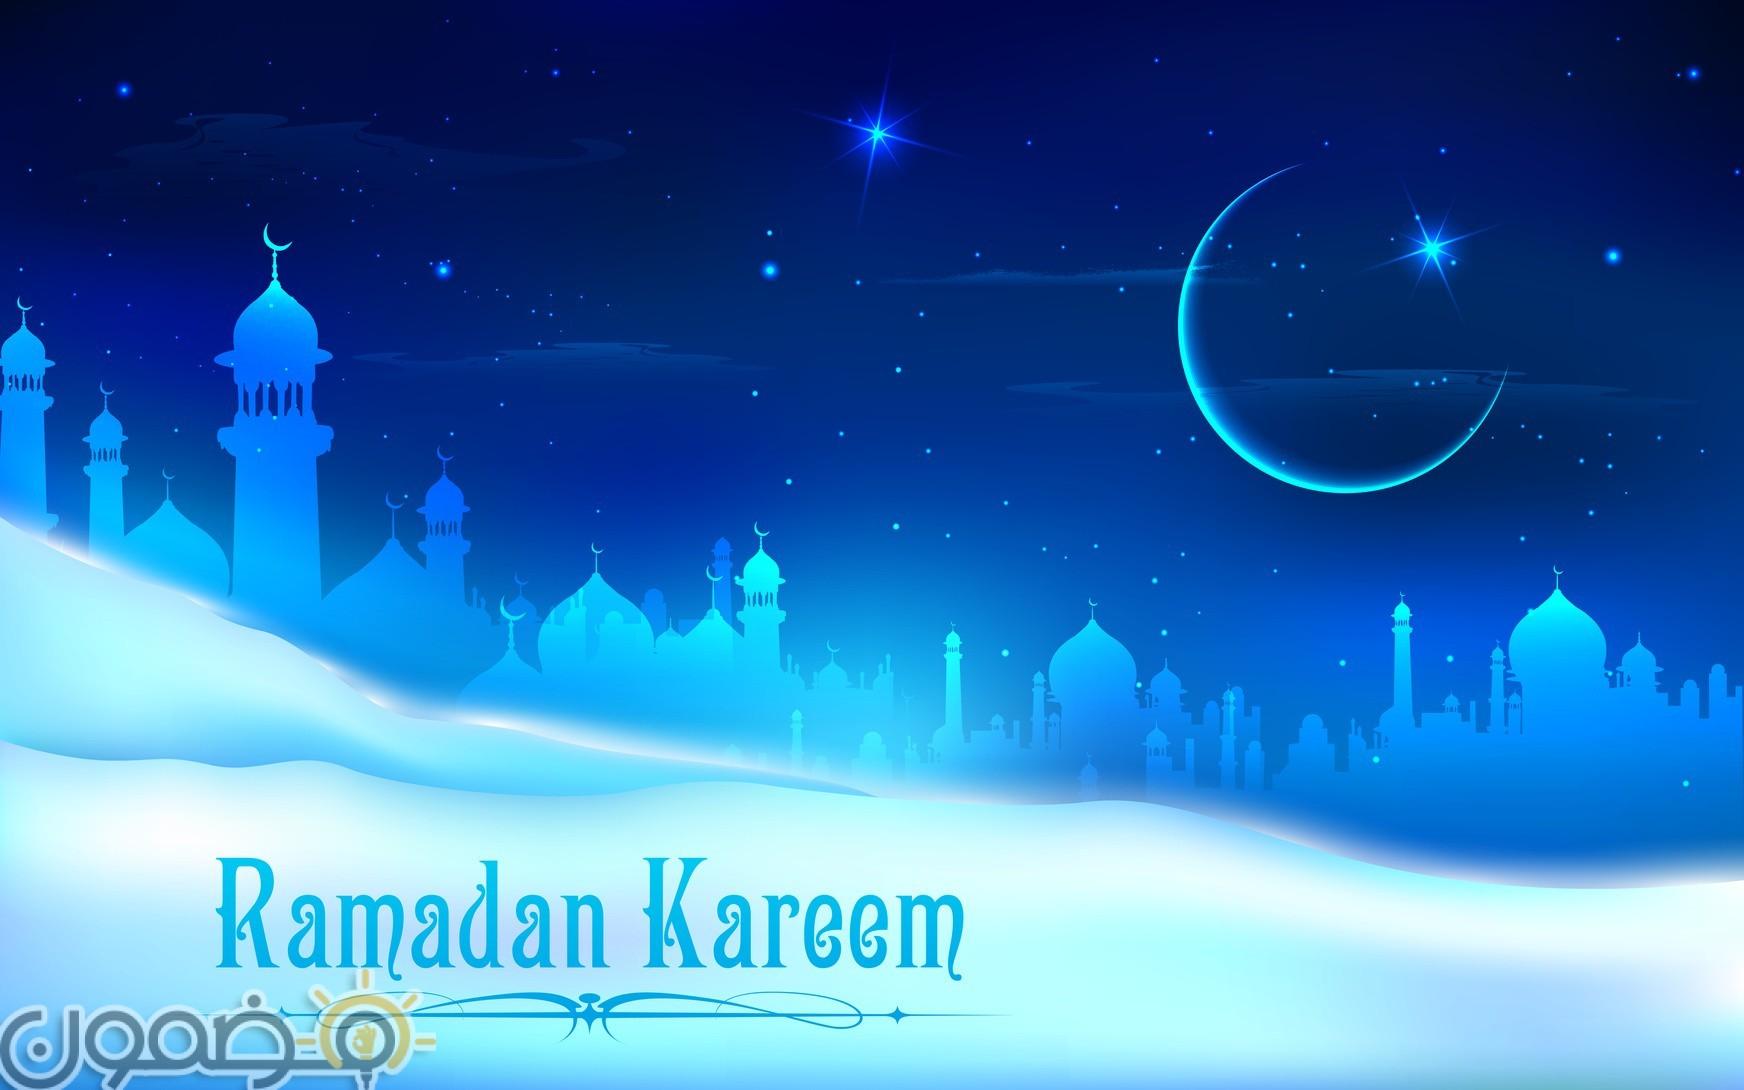 خلفيات رمضان كريم تويتر 8 خلفيات رمضان كريم تويتر تويتات رمضانية